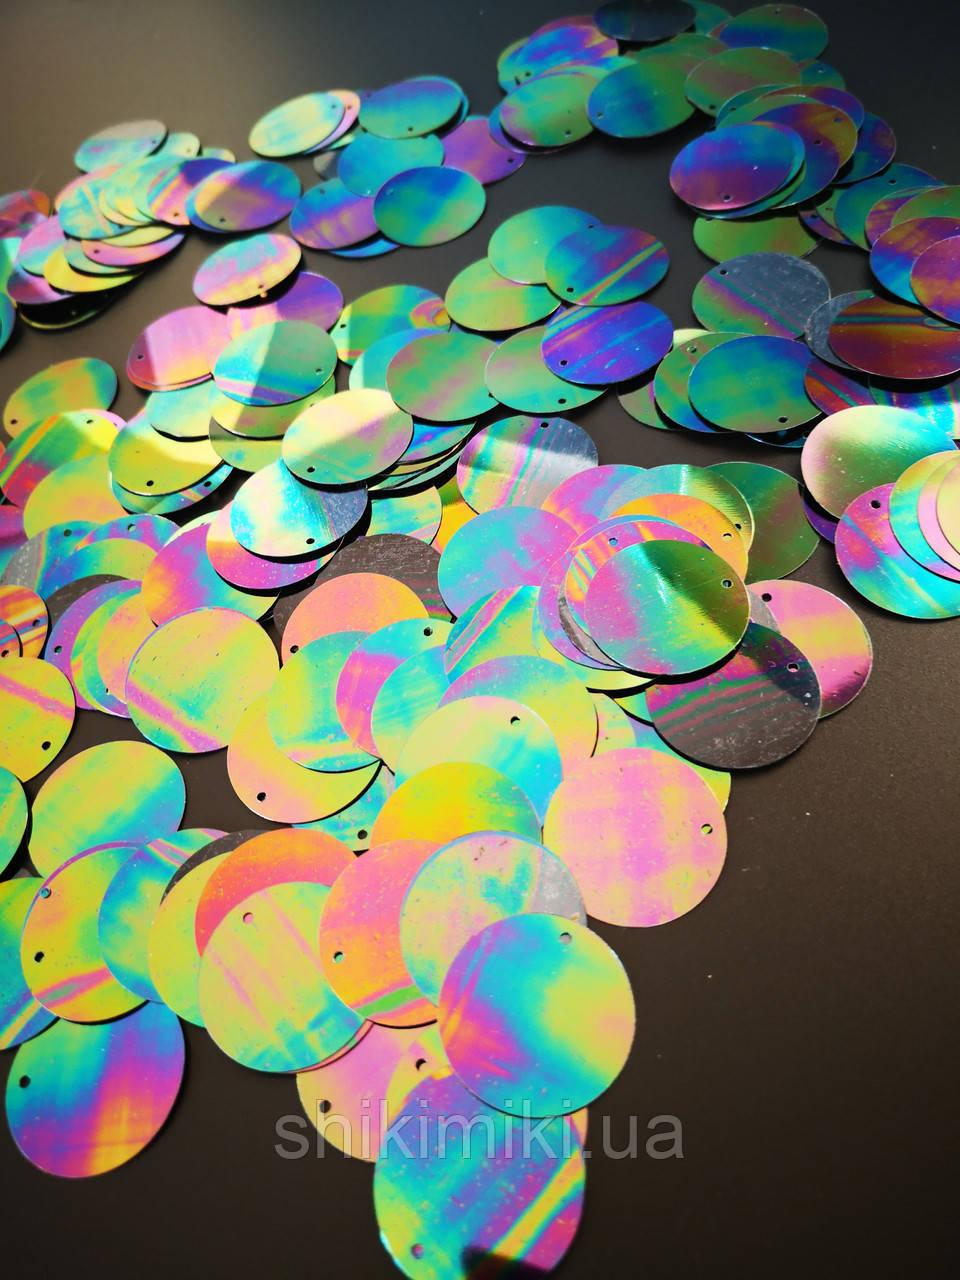 Пайетки сумочные 30 мм, цвет радужный